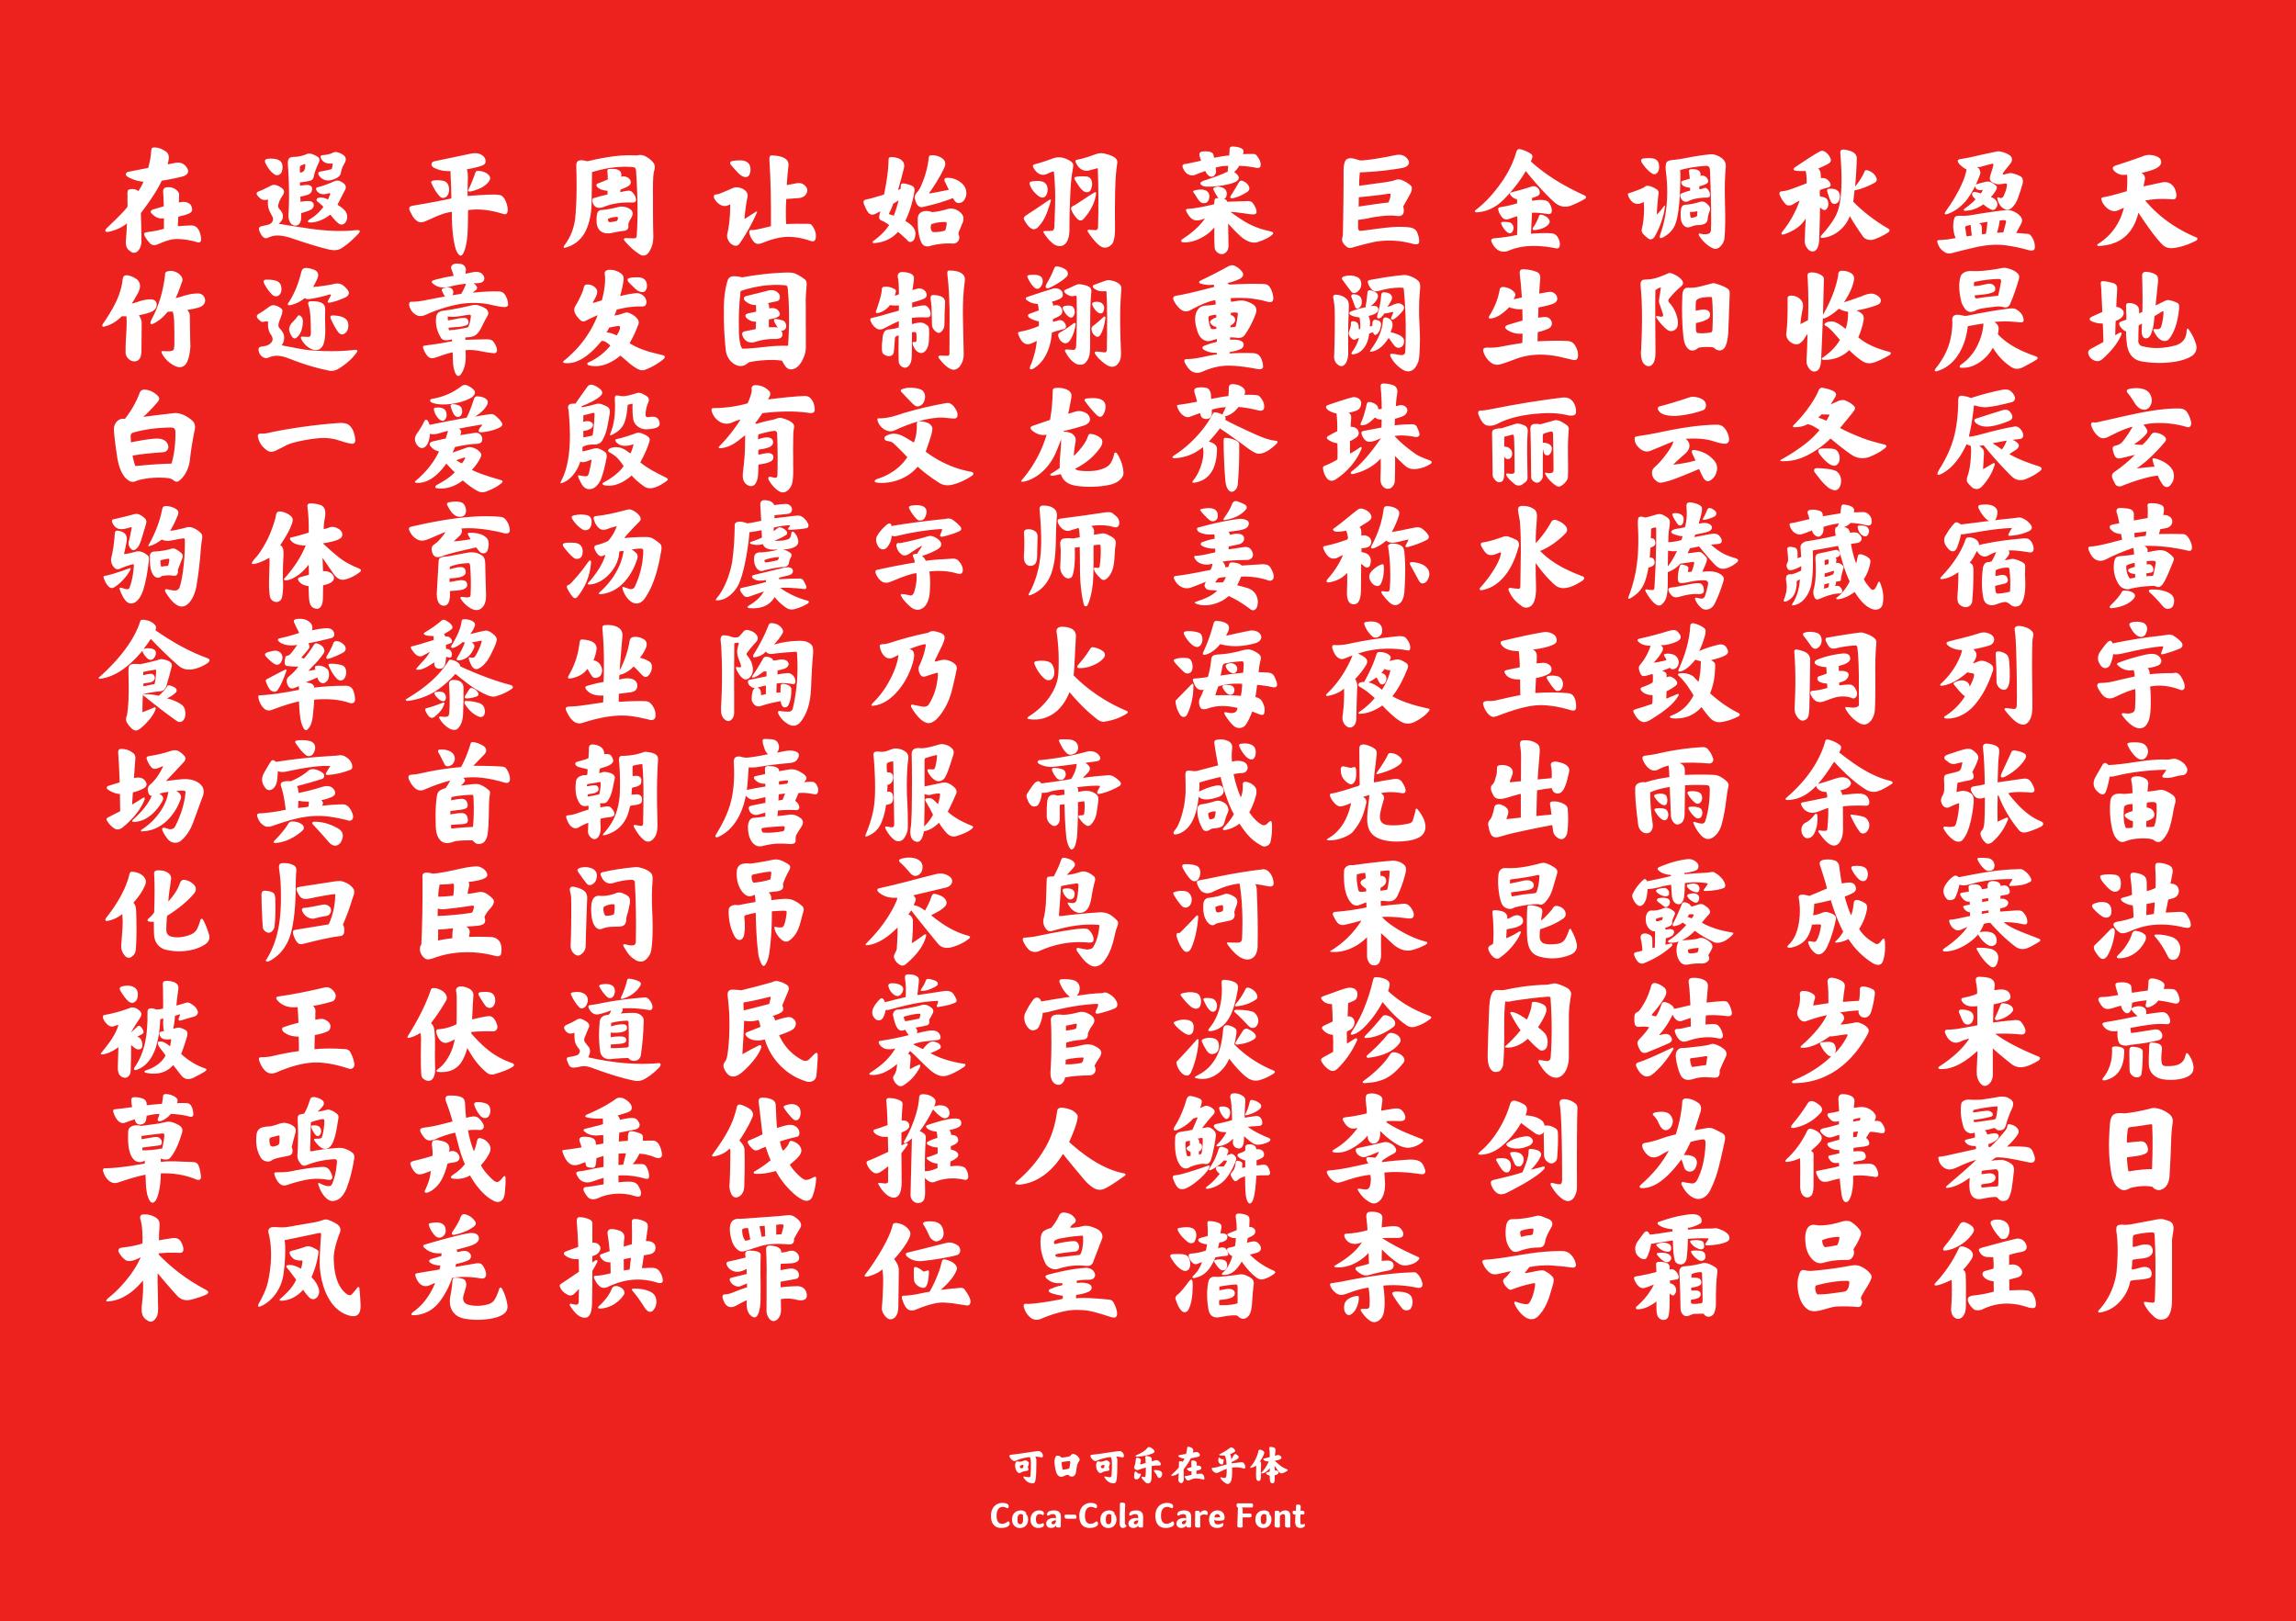 Jia Yang + Yichao Xu + Yin Qiu|Coca-Cola Care Font